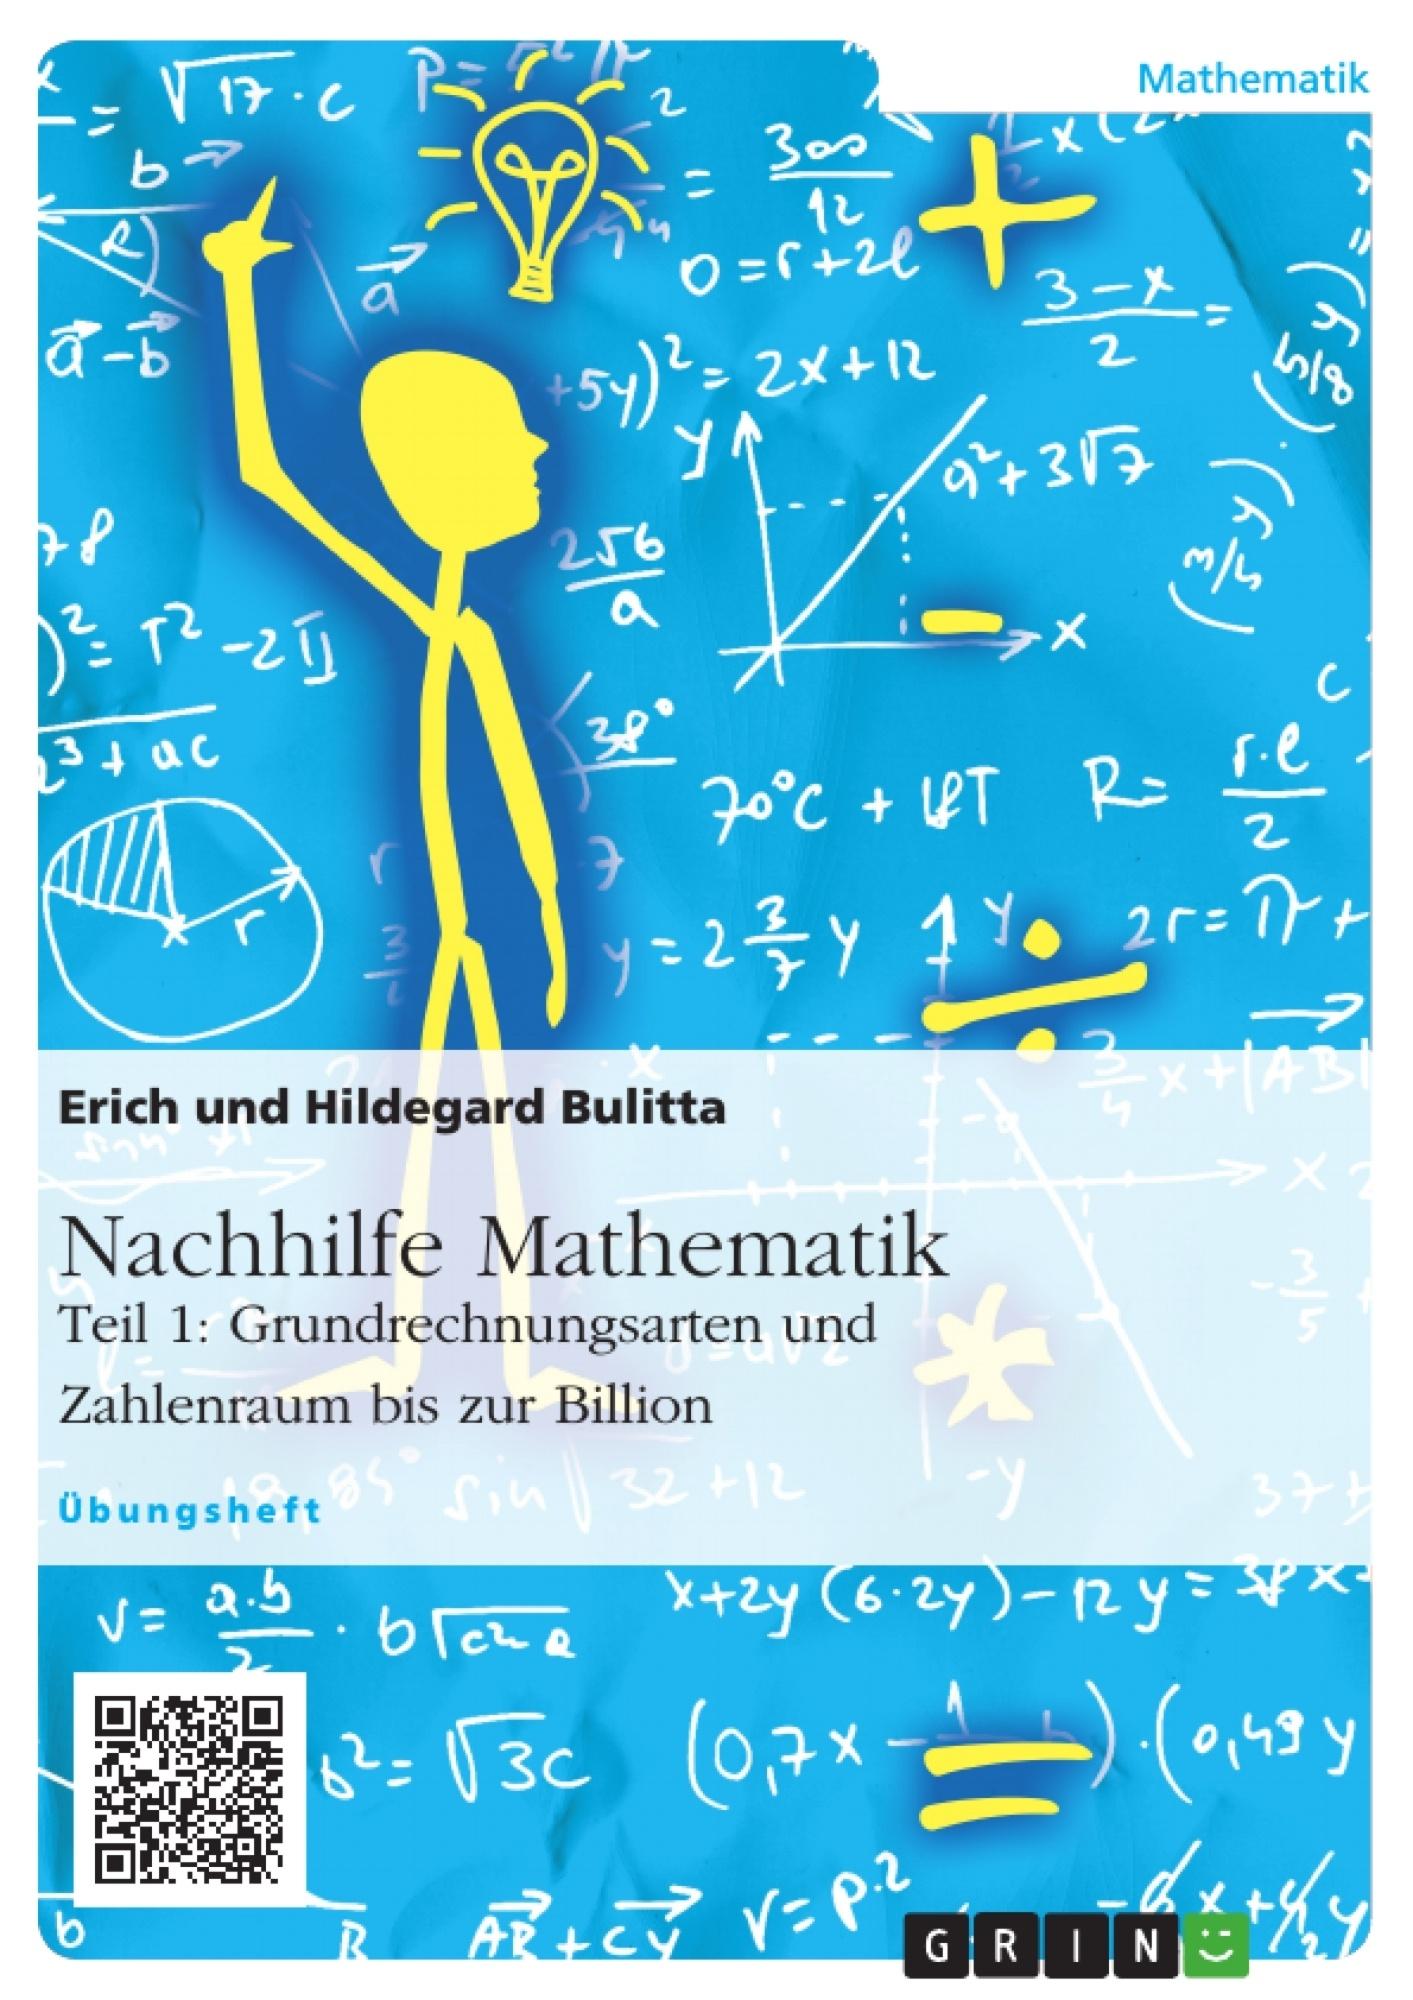 Titel: Nachhilfe Mathematik - Teil 1: Grundrechnungsarten und Zahlenraum bis zur Billion